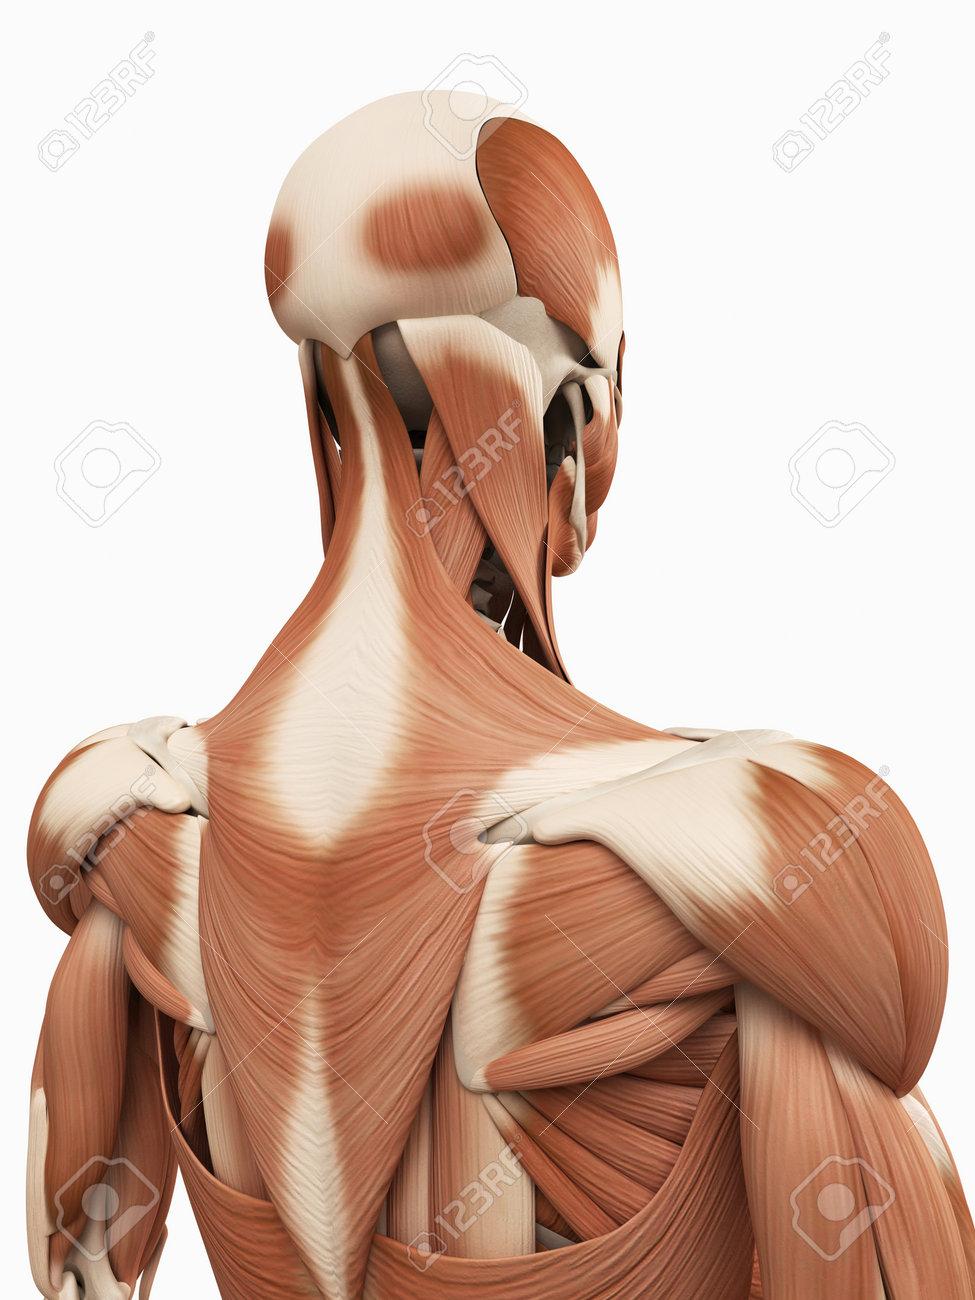 3d Ilustración Médica De Los Músculos Superiores De La Espalda Fotos ...